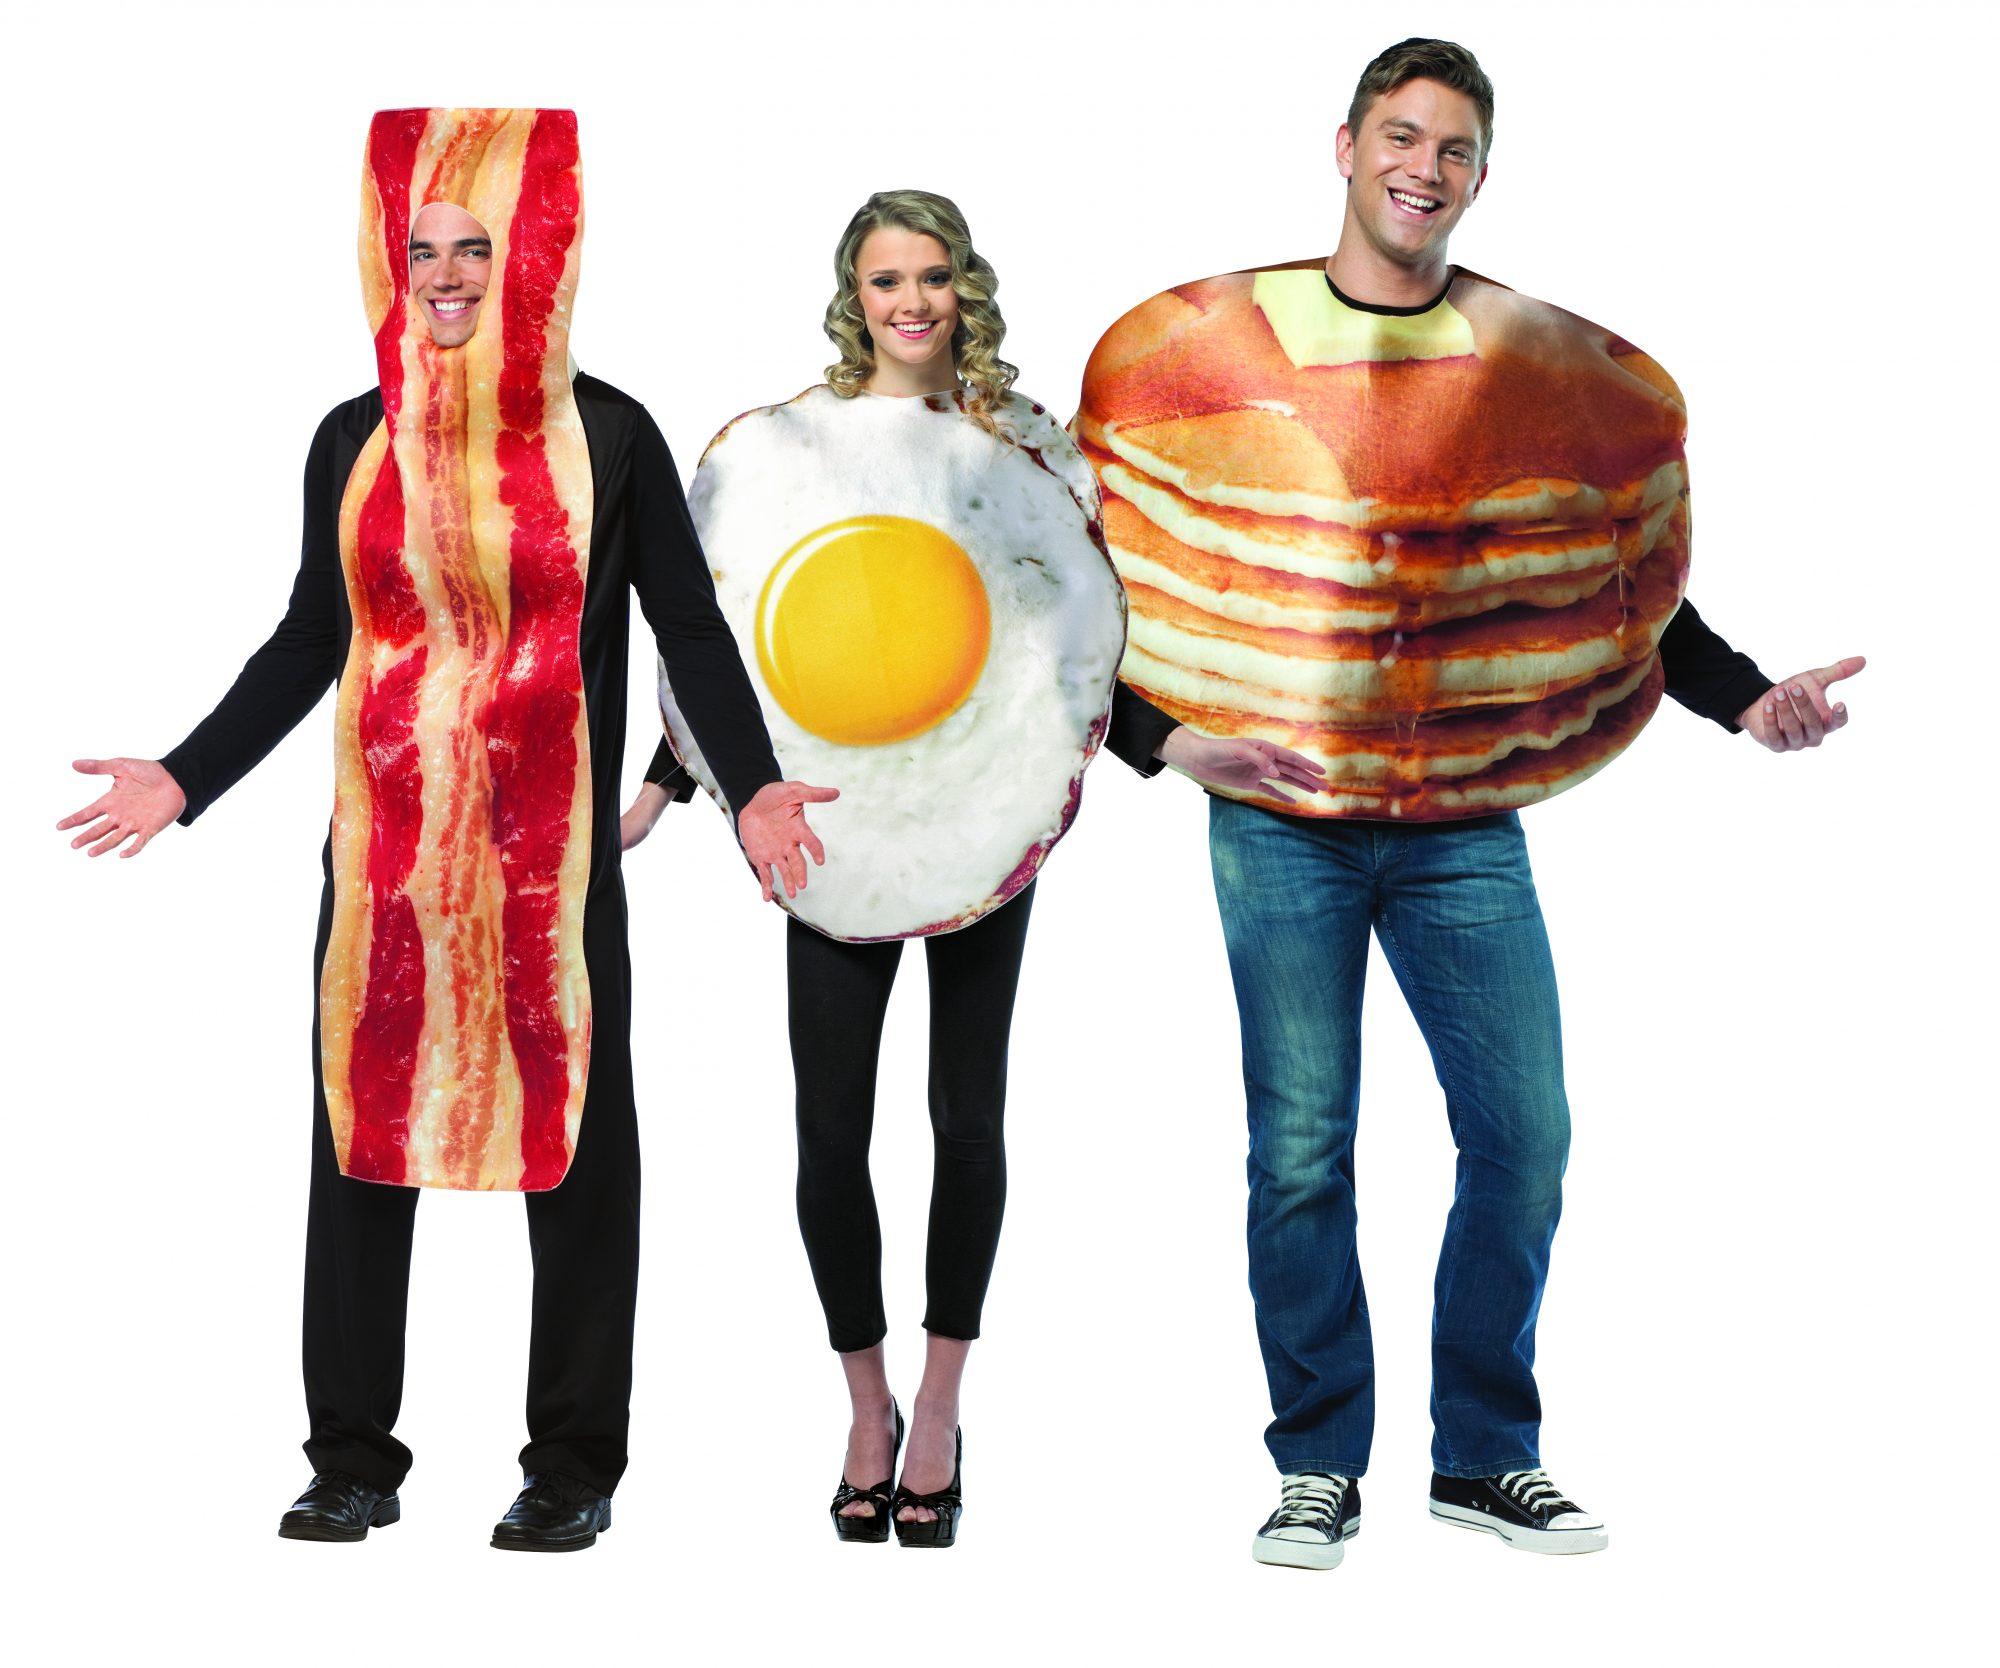 BaconEggsPancake